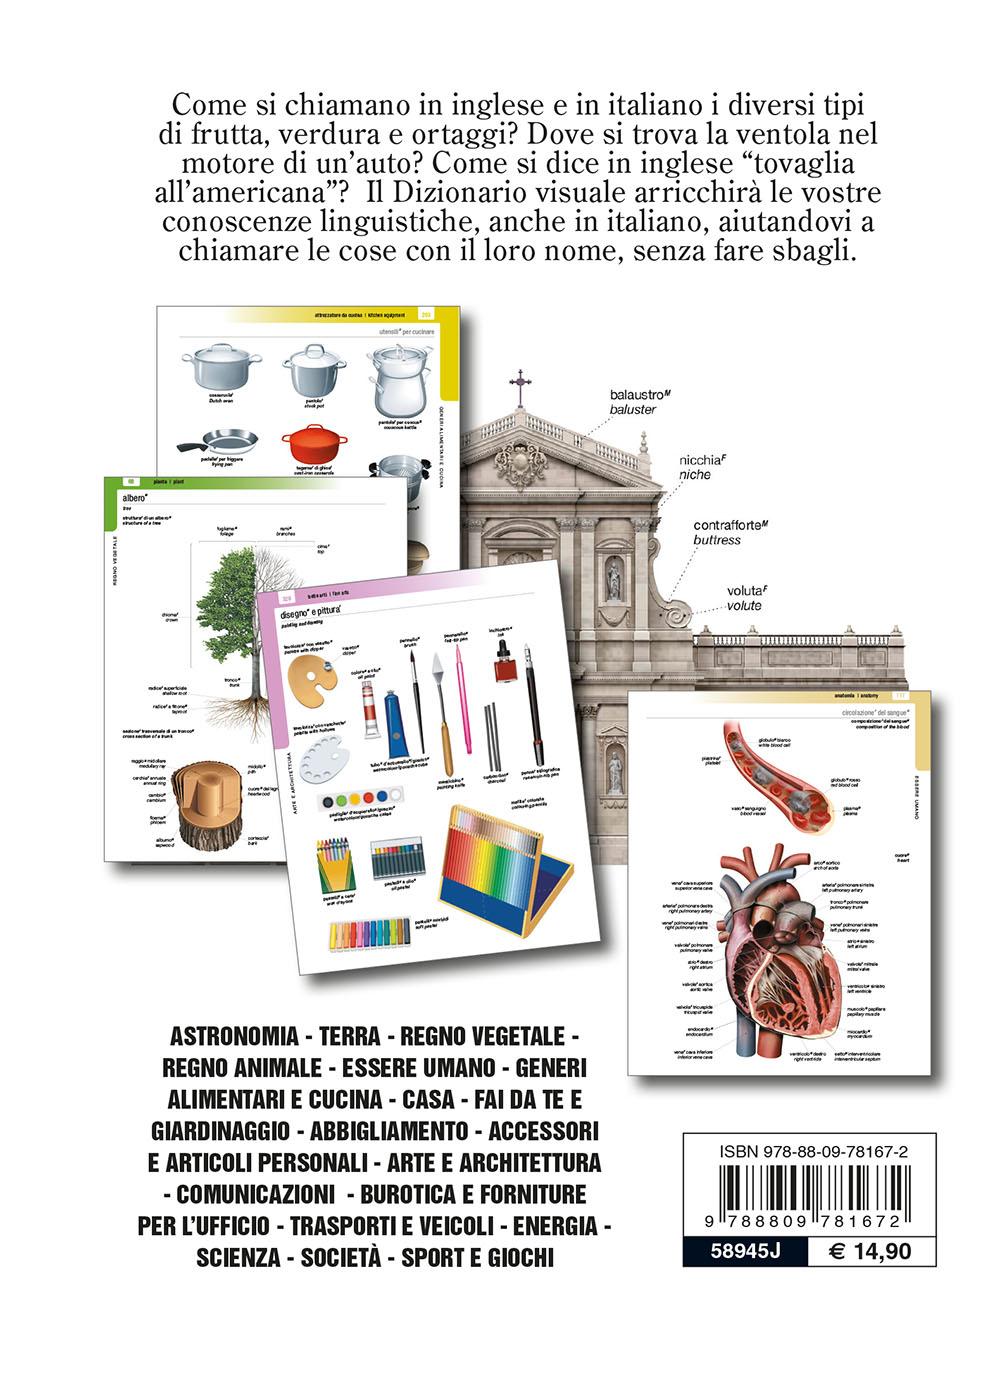 Dizionario visuale